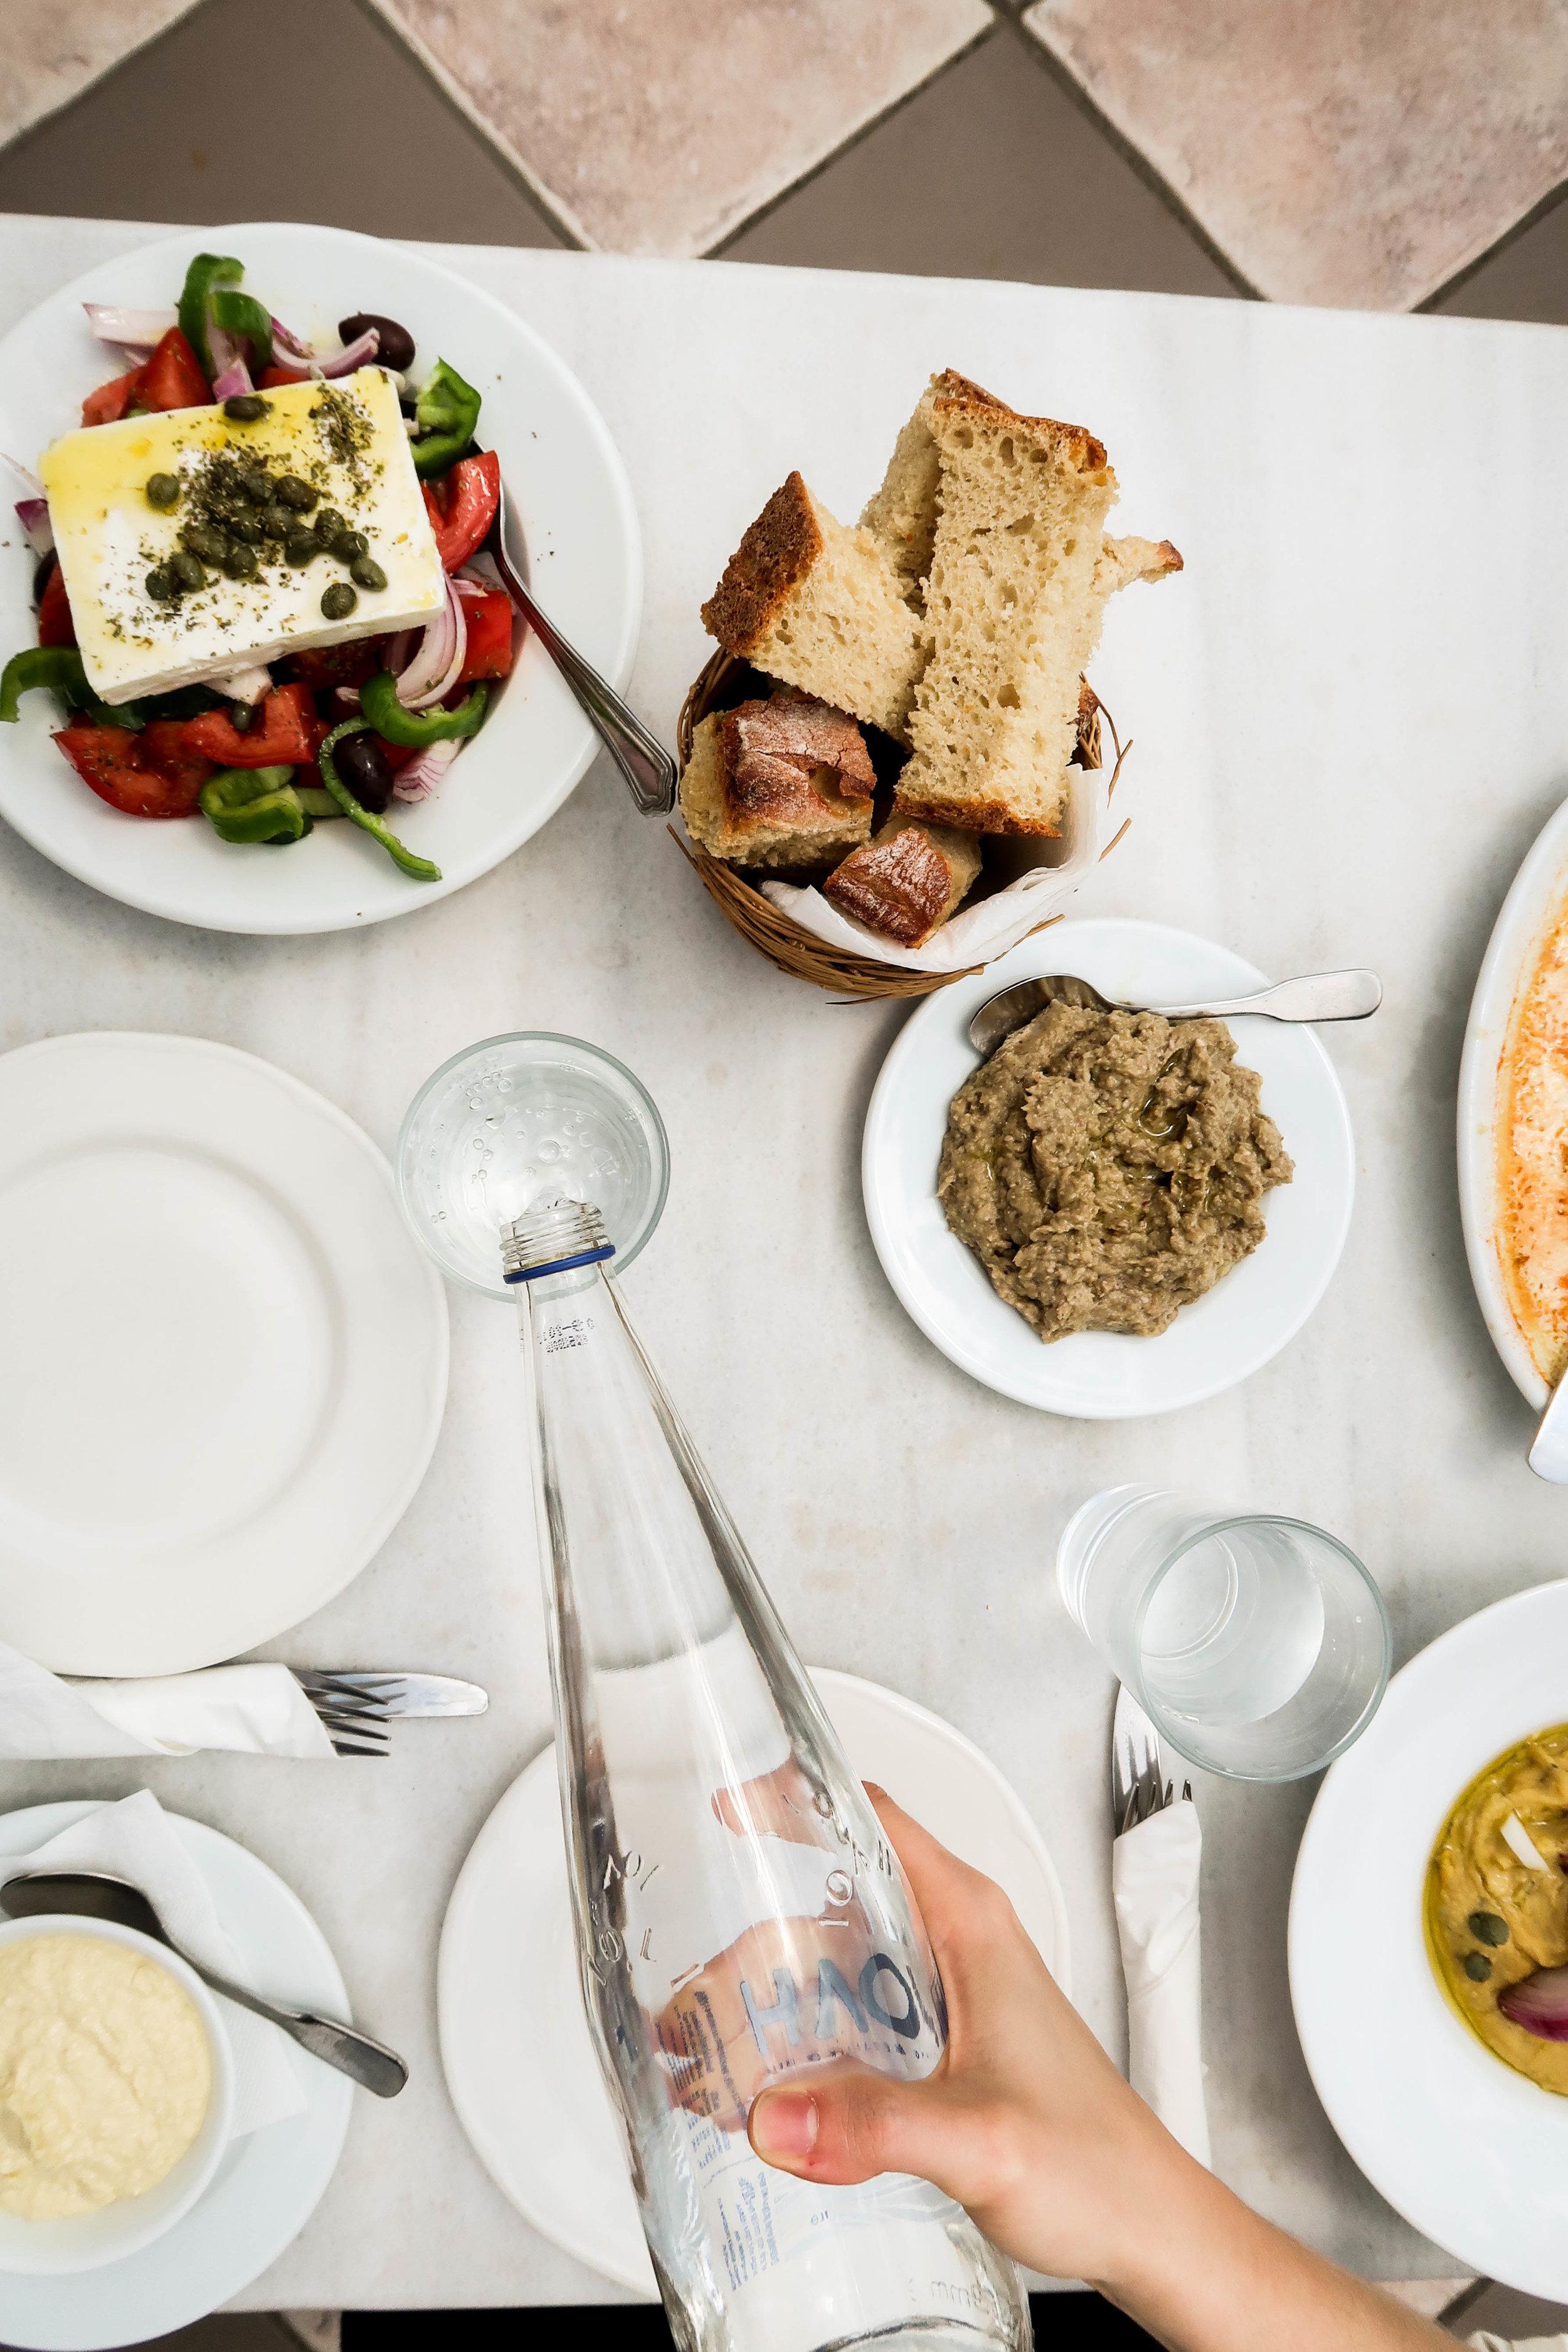 Lunch at Cafe Avissinia